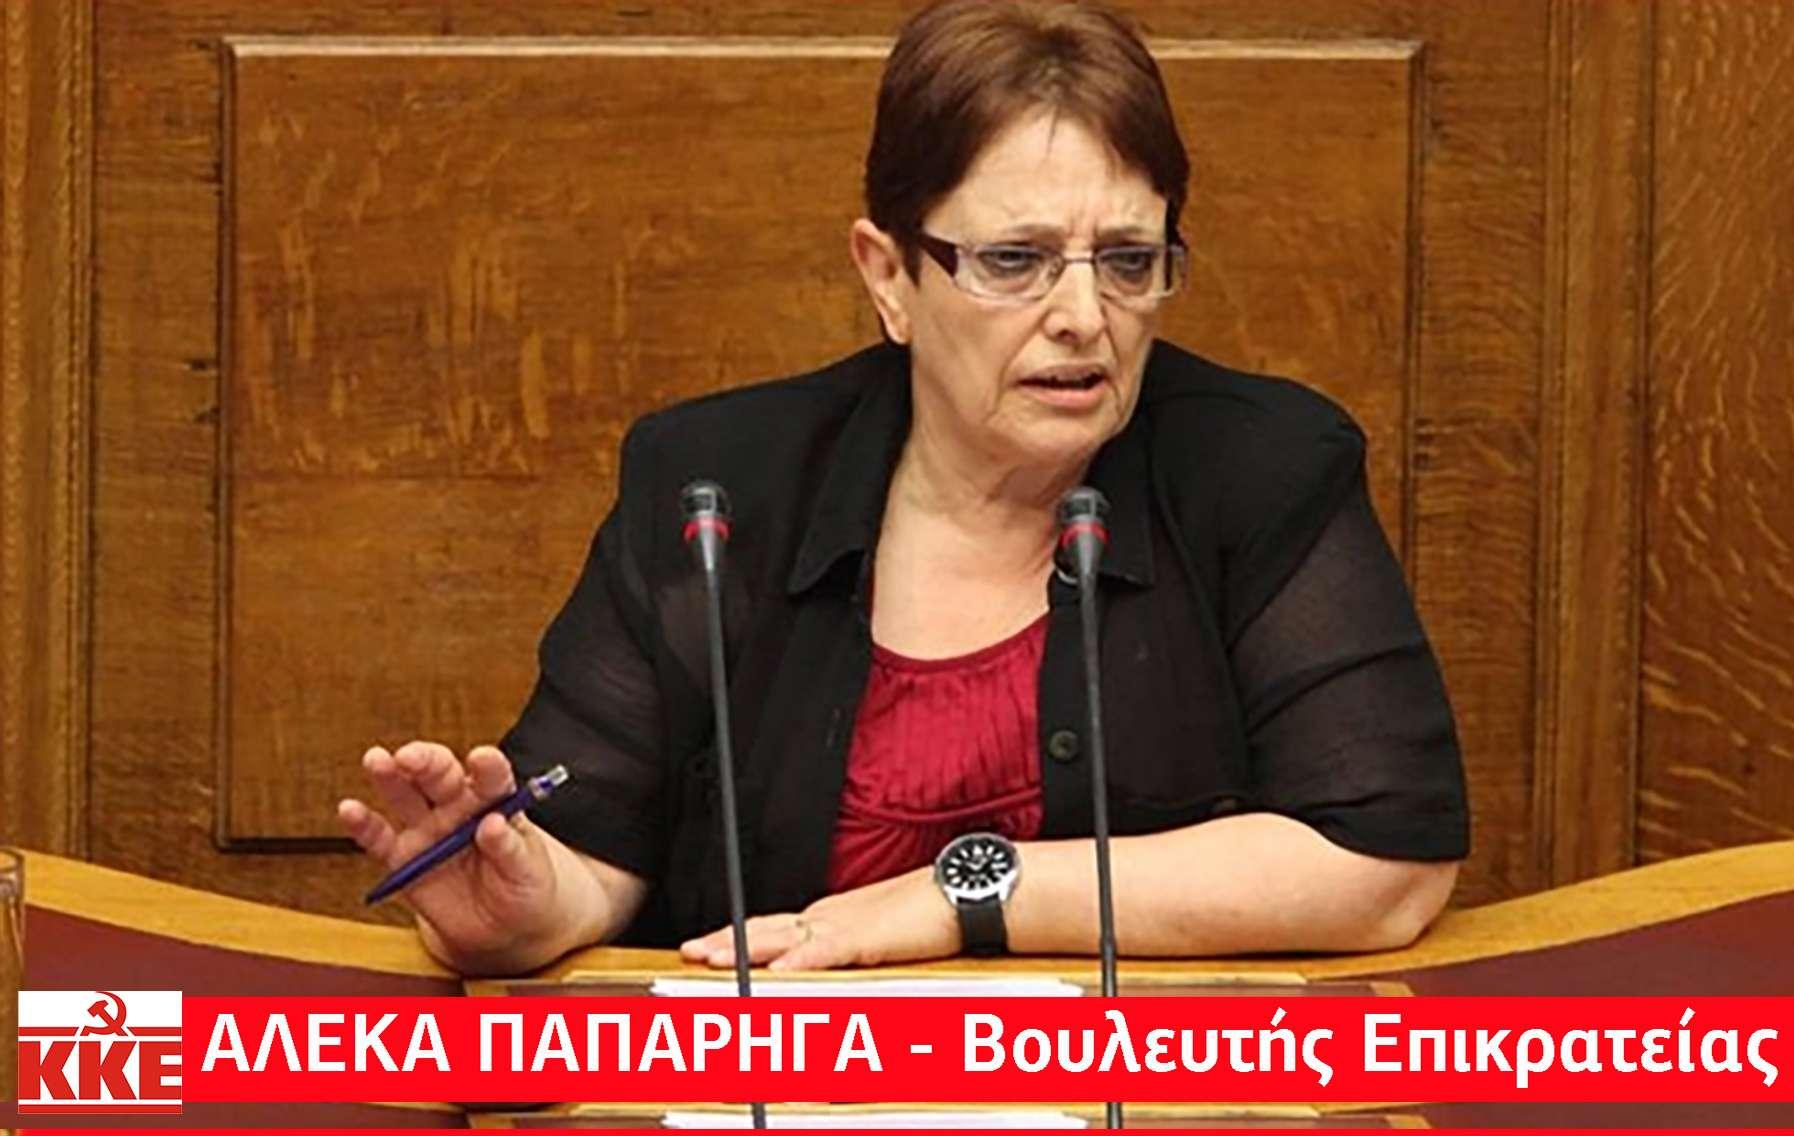 Αλέκα Παπαρήγα ΚΚΕ Βουλευτής Επικρατείας